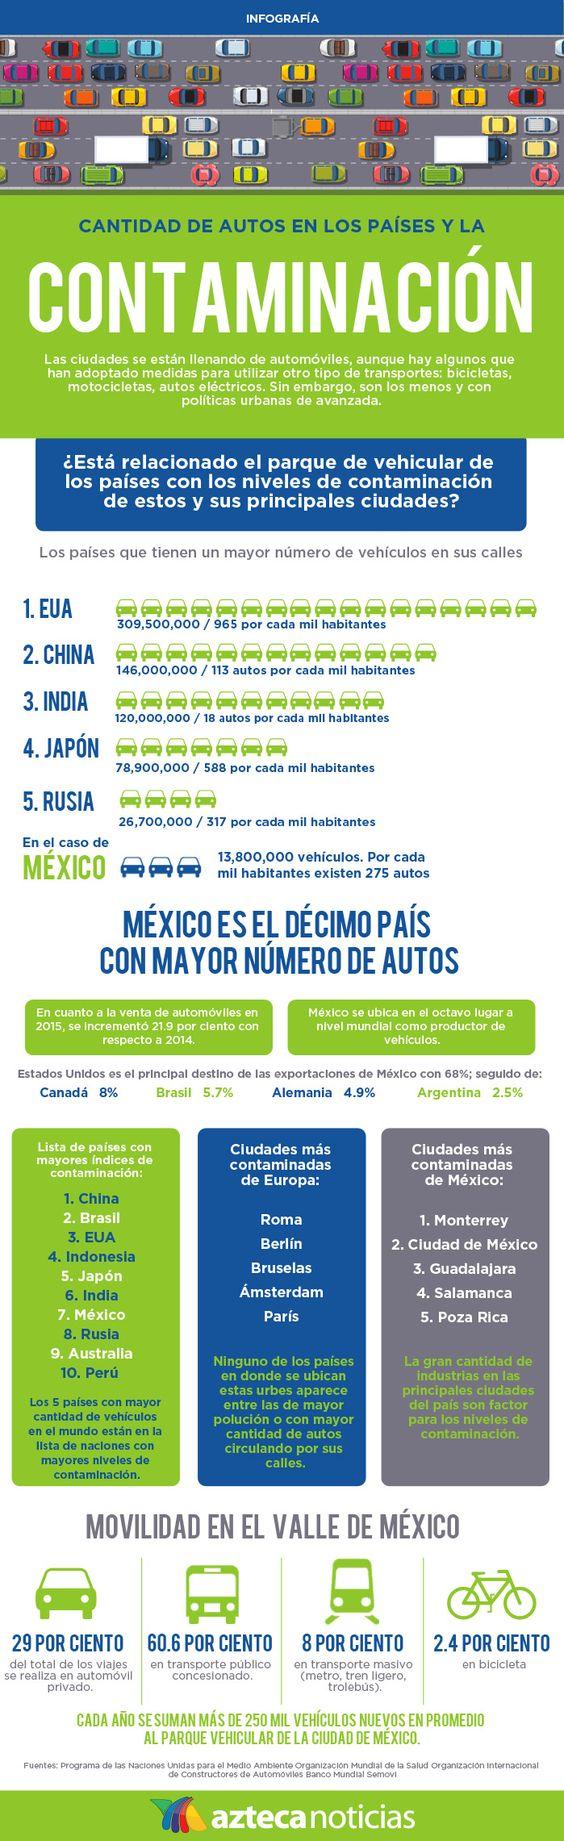 Cantidad de autos en los países y la contaminación #infografia